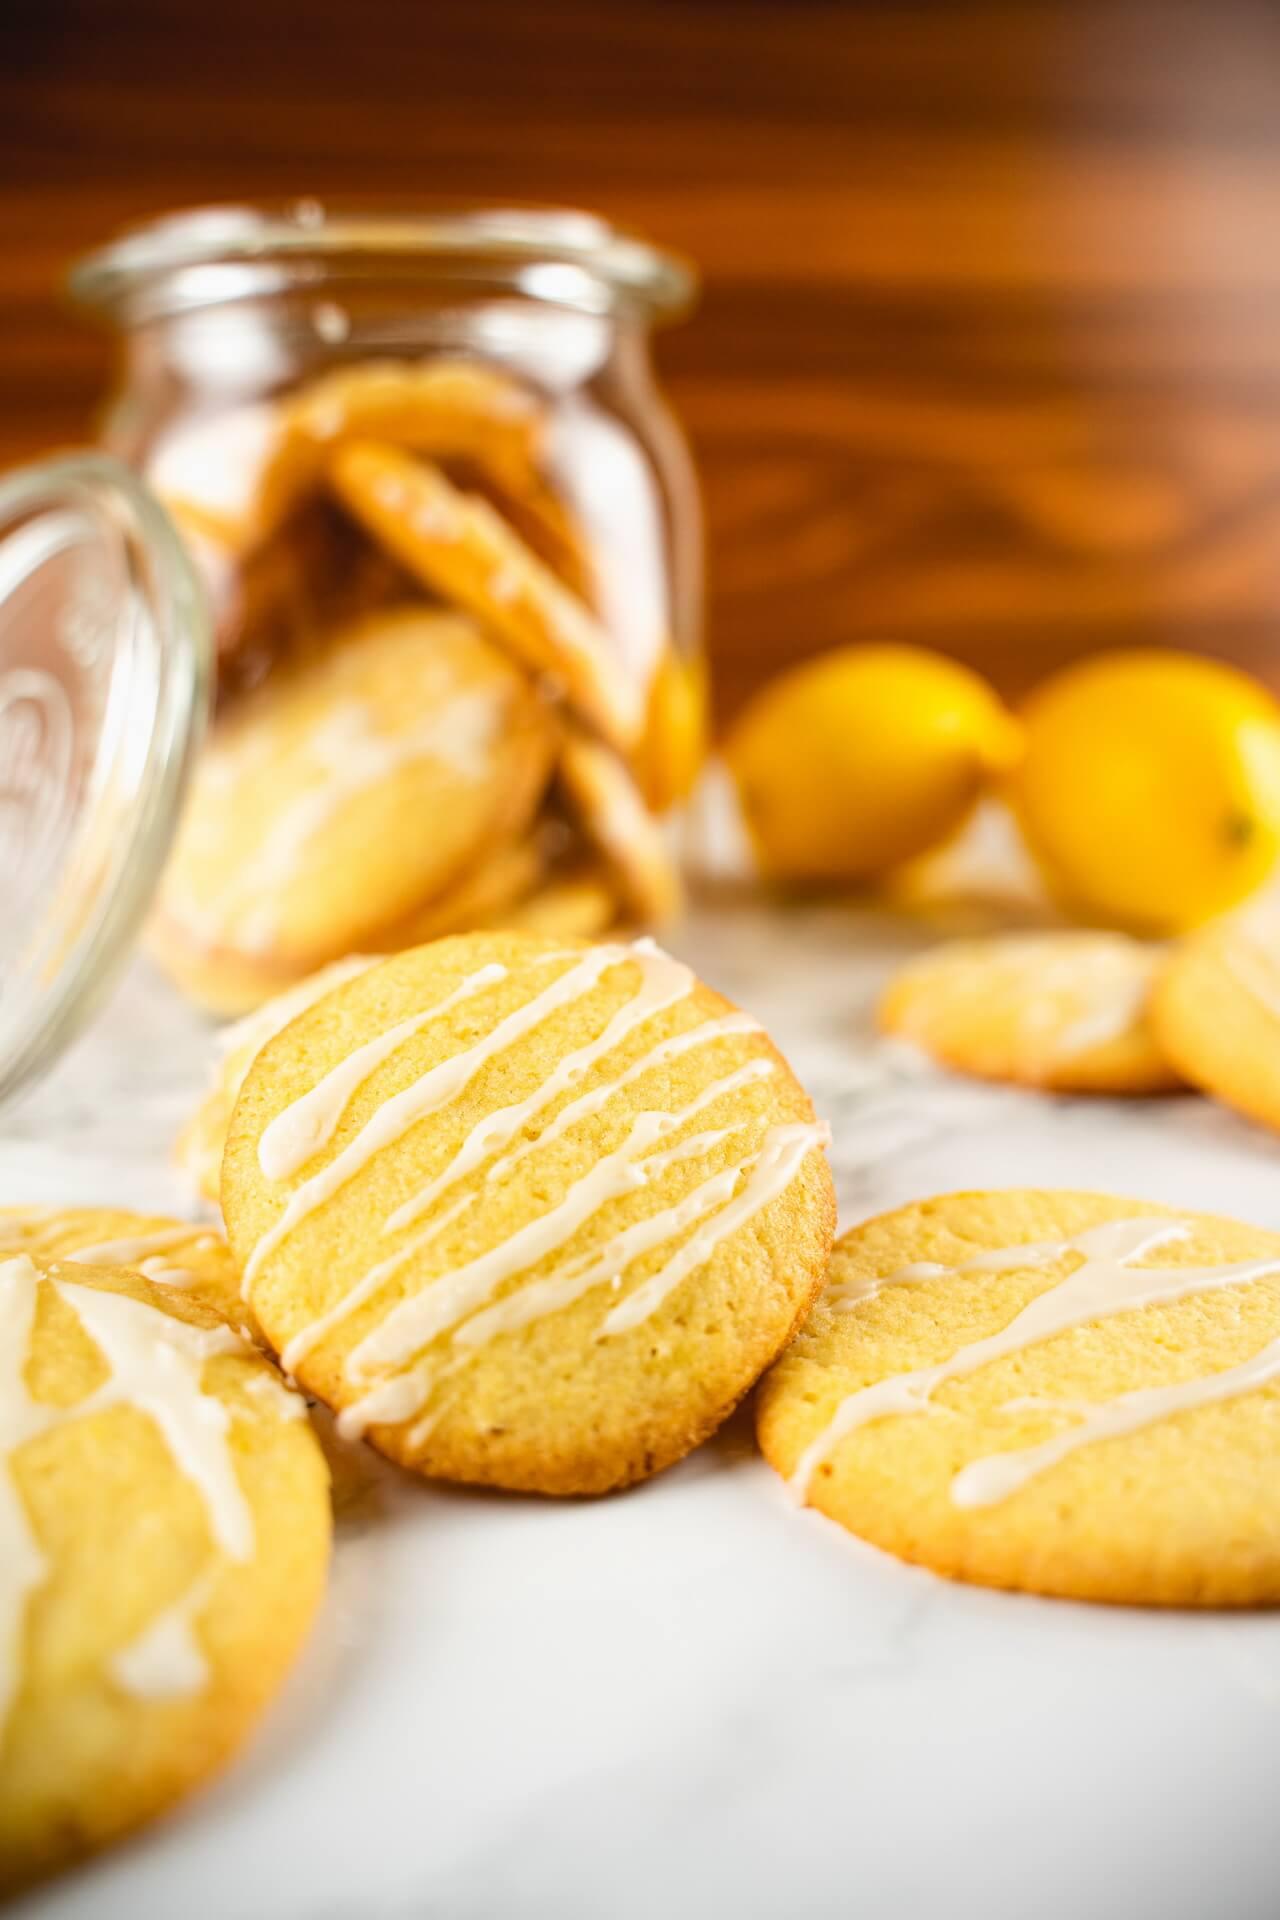 Lemon Sugar Cookies With Cookie Jar Vertical